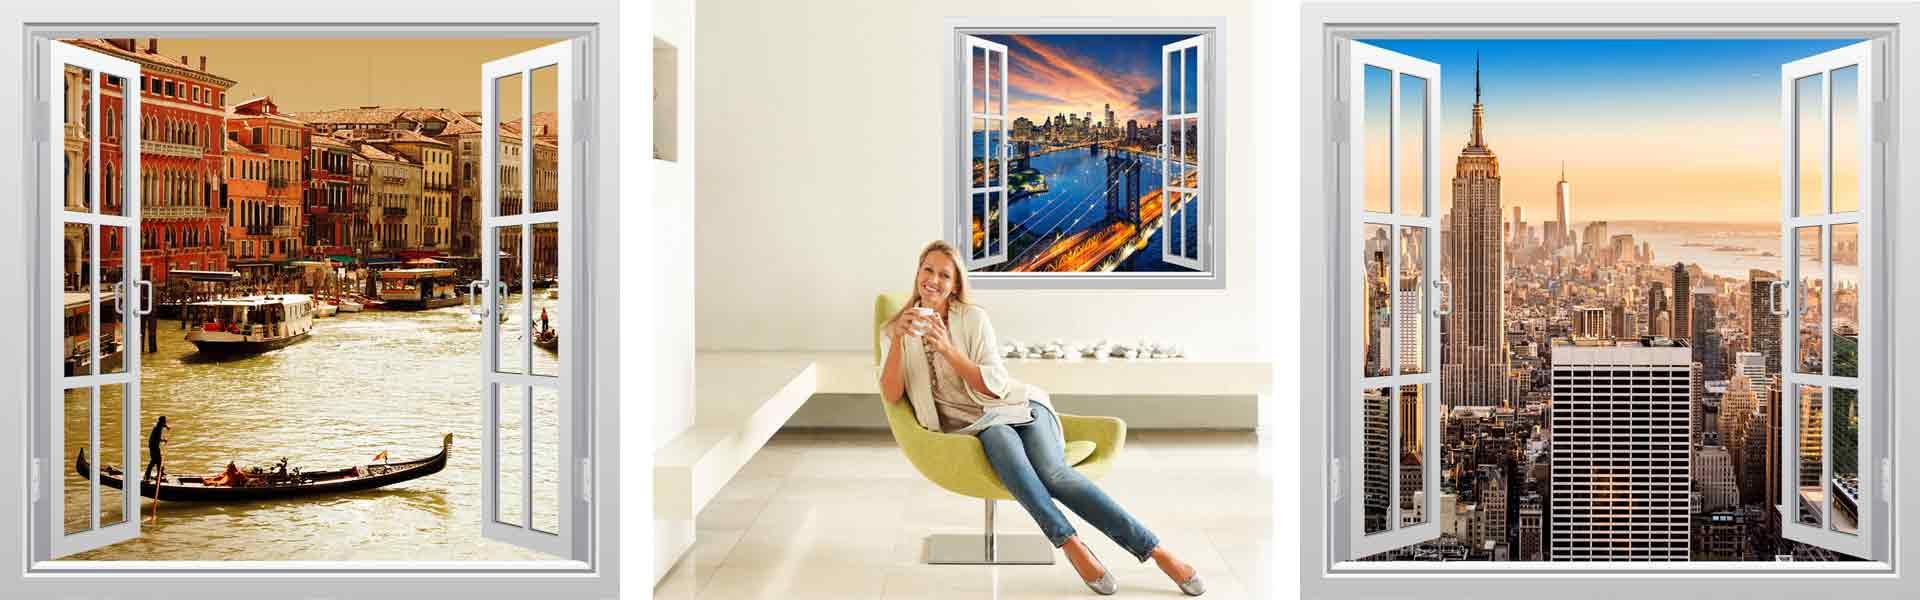 Αυτοκόλλητο παράθυρο με θέα. Optical illusion wall stickers.